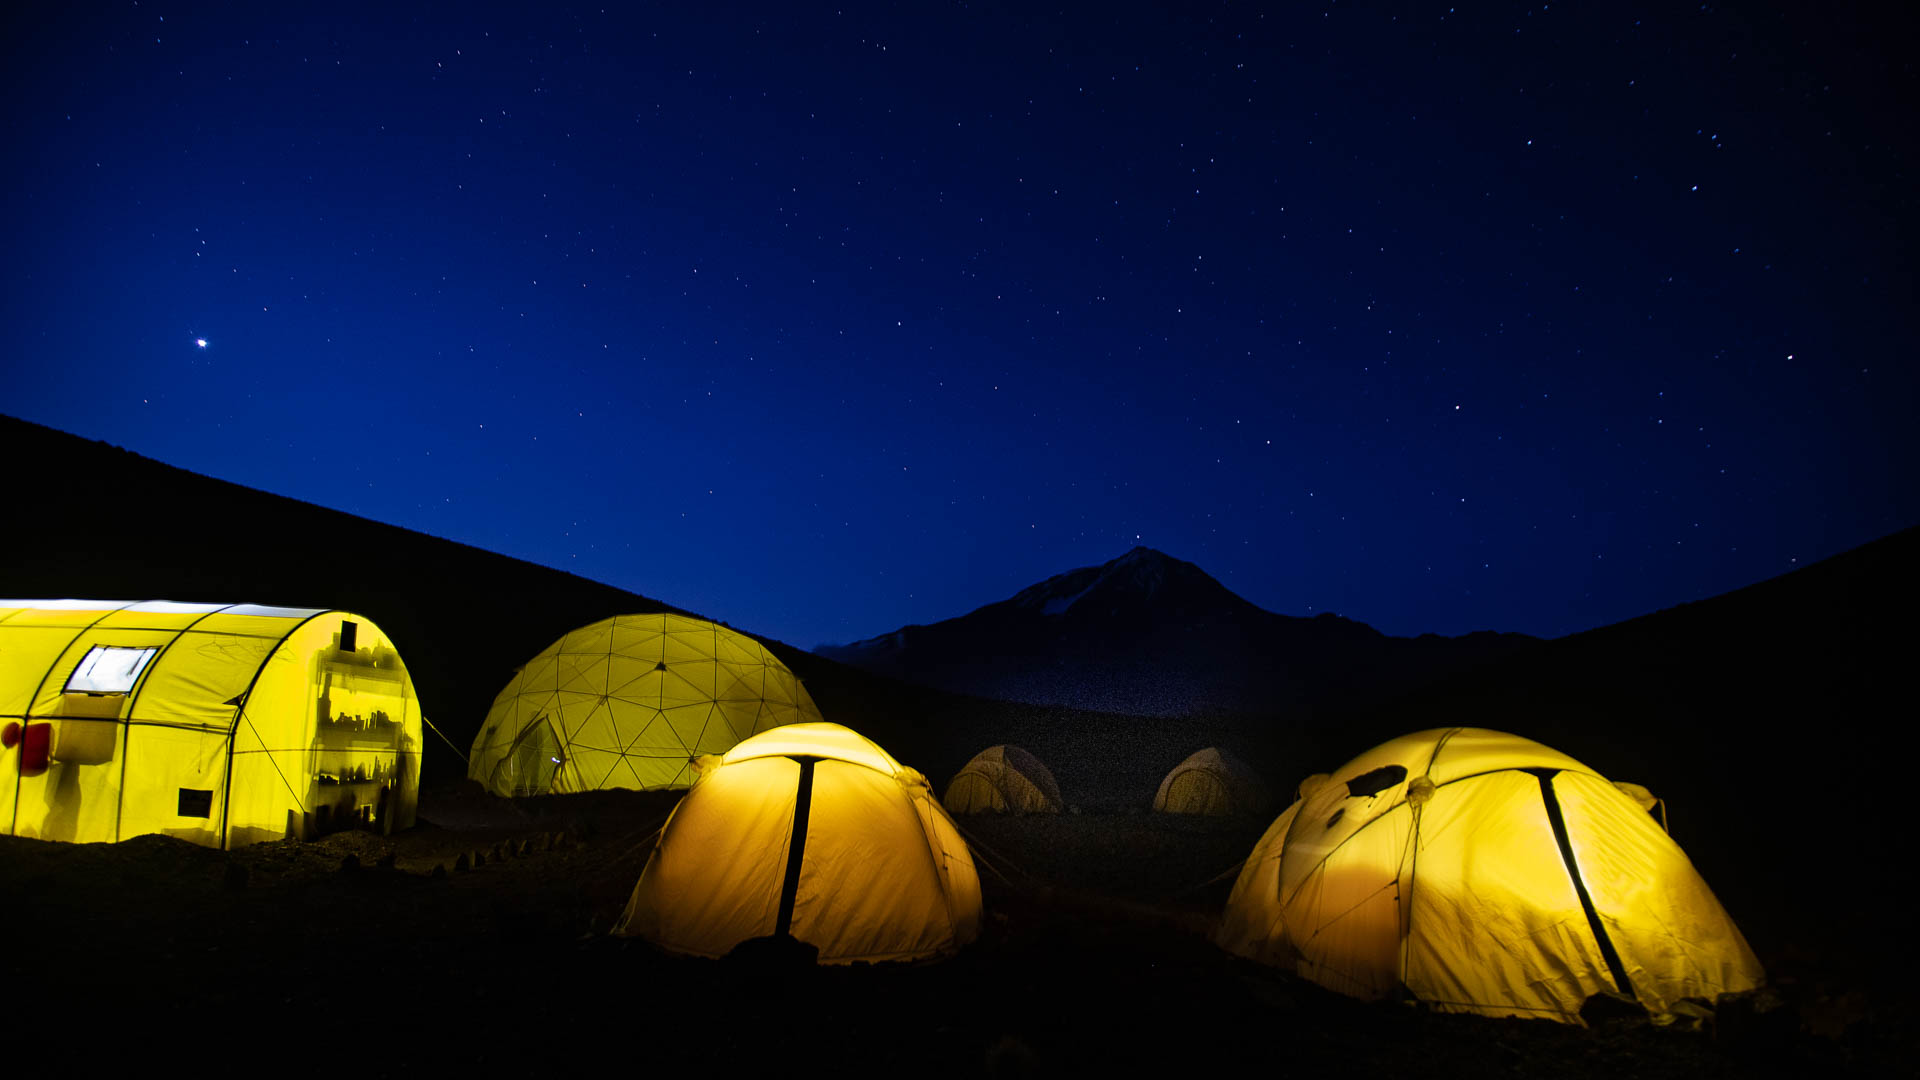 El fantástico campamento situado muy cerca de la base del volcán Llullaillaco, a 4500 msnm.